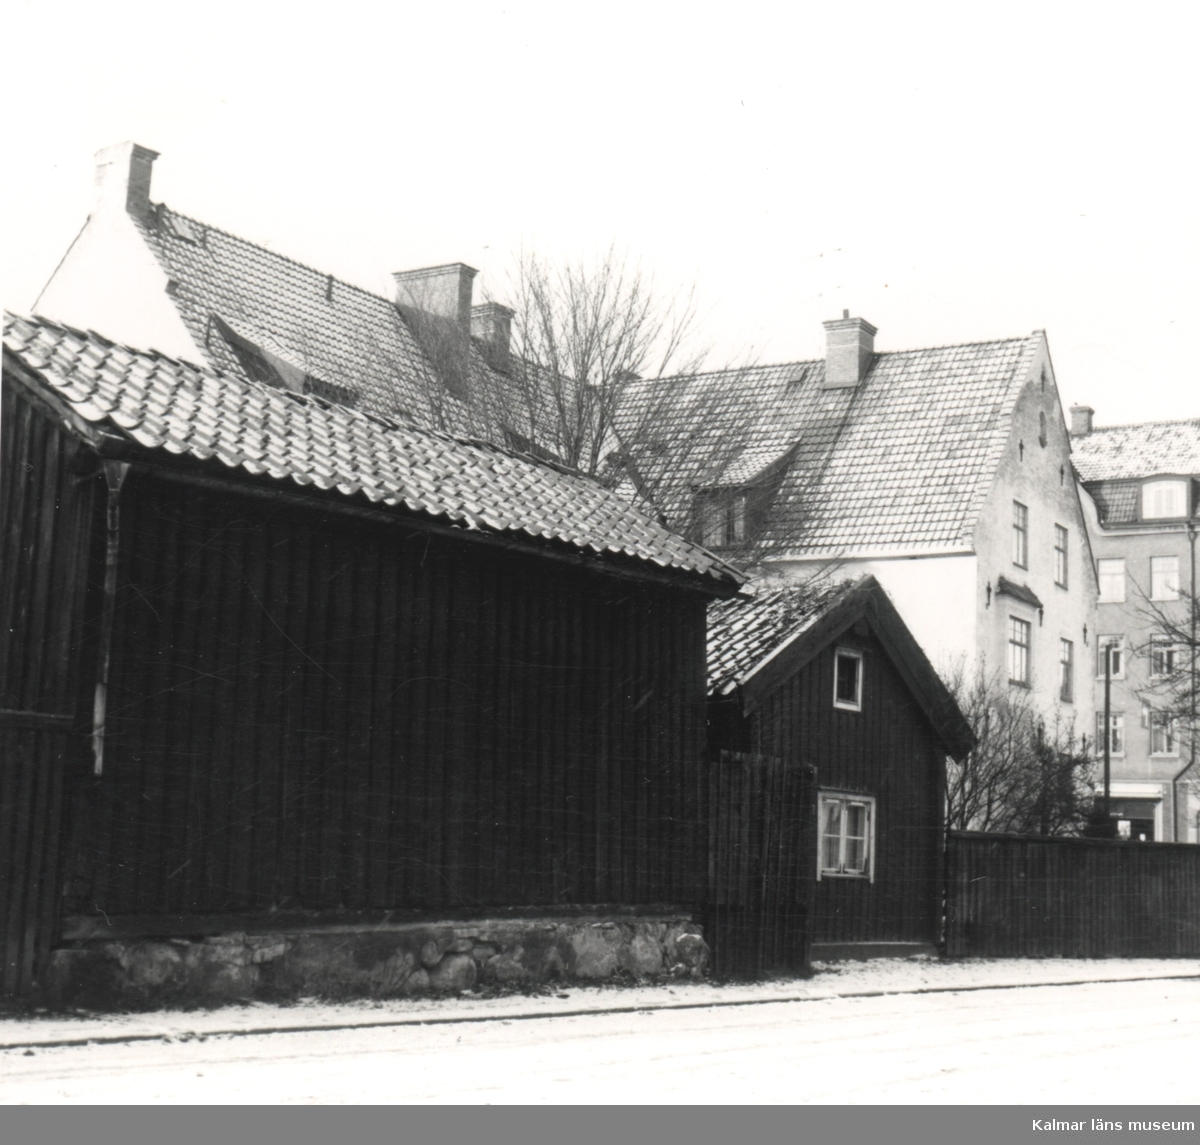 Bläckan 2, åt Jenny Nyströms gränd [före detta Tullgatan]. Foto: KG Pettersson 13/12 1961.